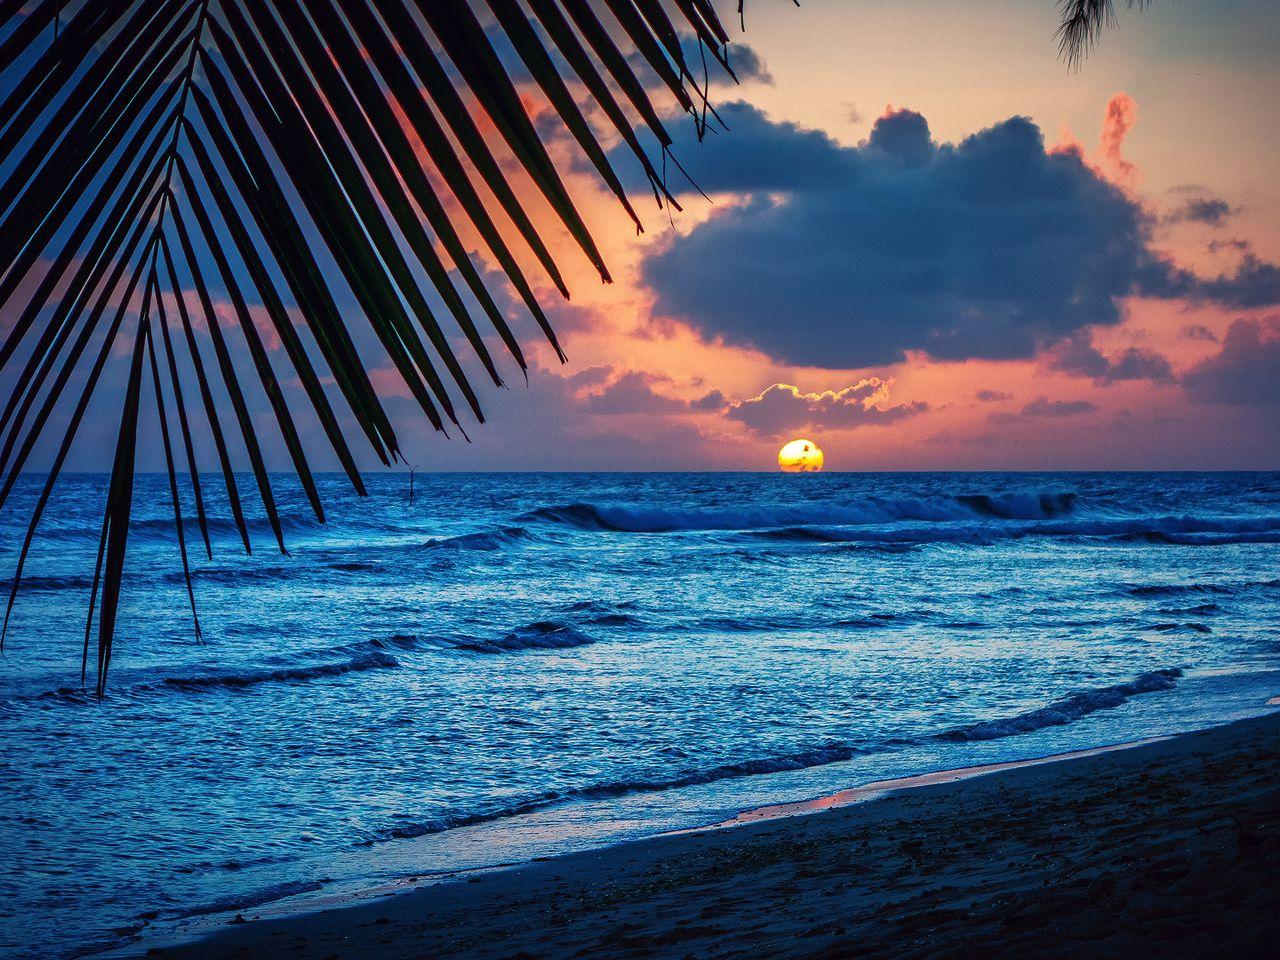 Красивые картинки карибского моря